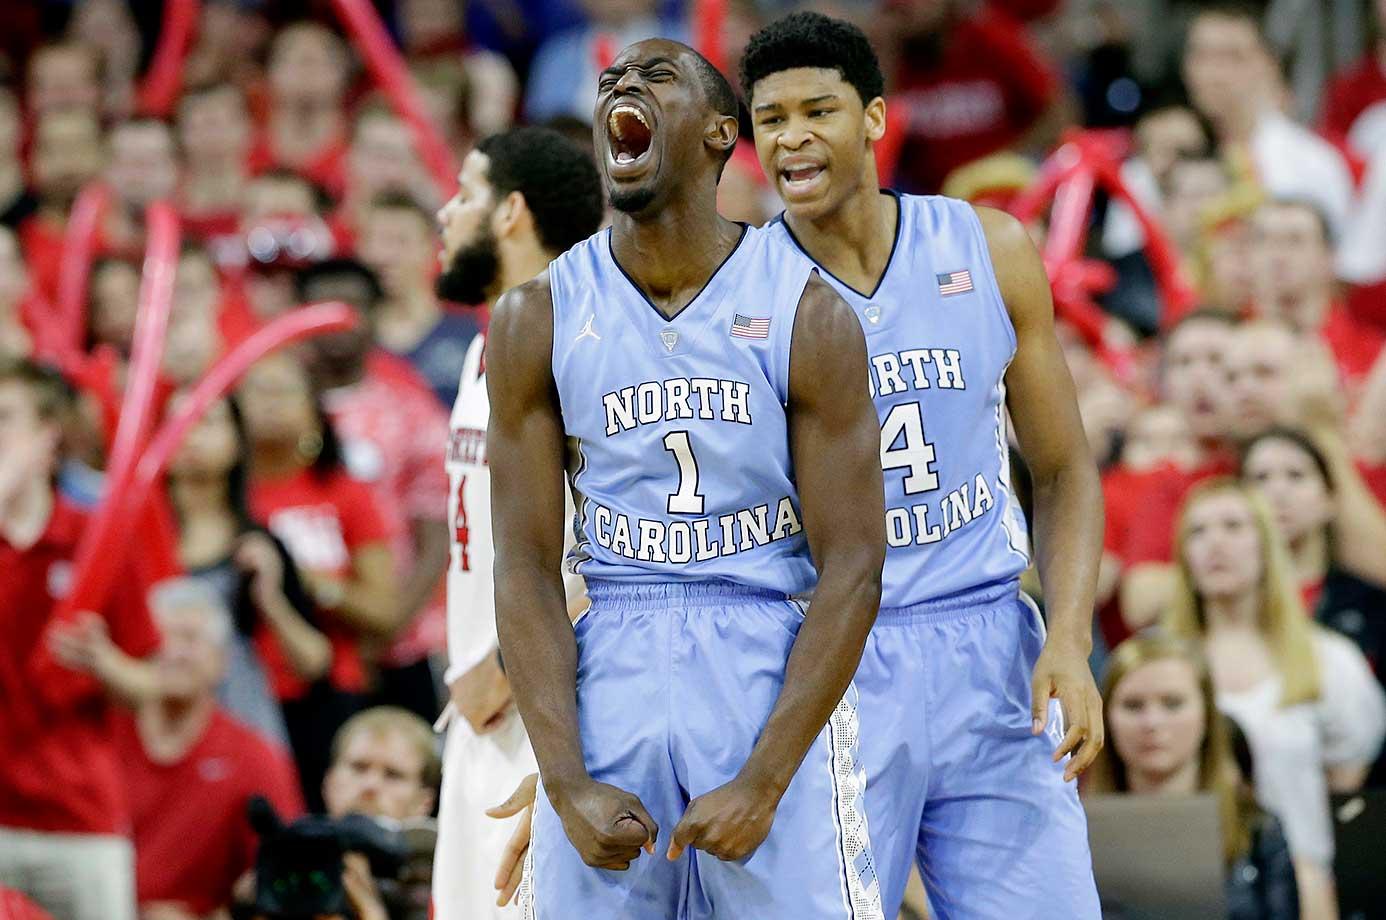 North Carolina's Theo Pinson (1) and Isaiah Hicks react following Pinson's basket against North Carolina State.